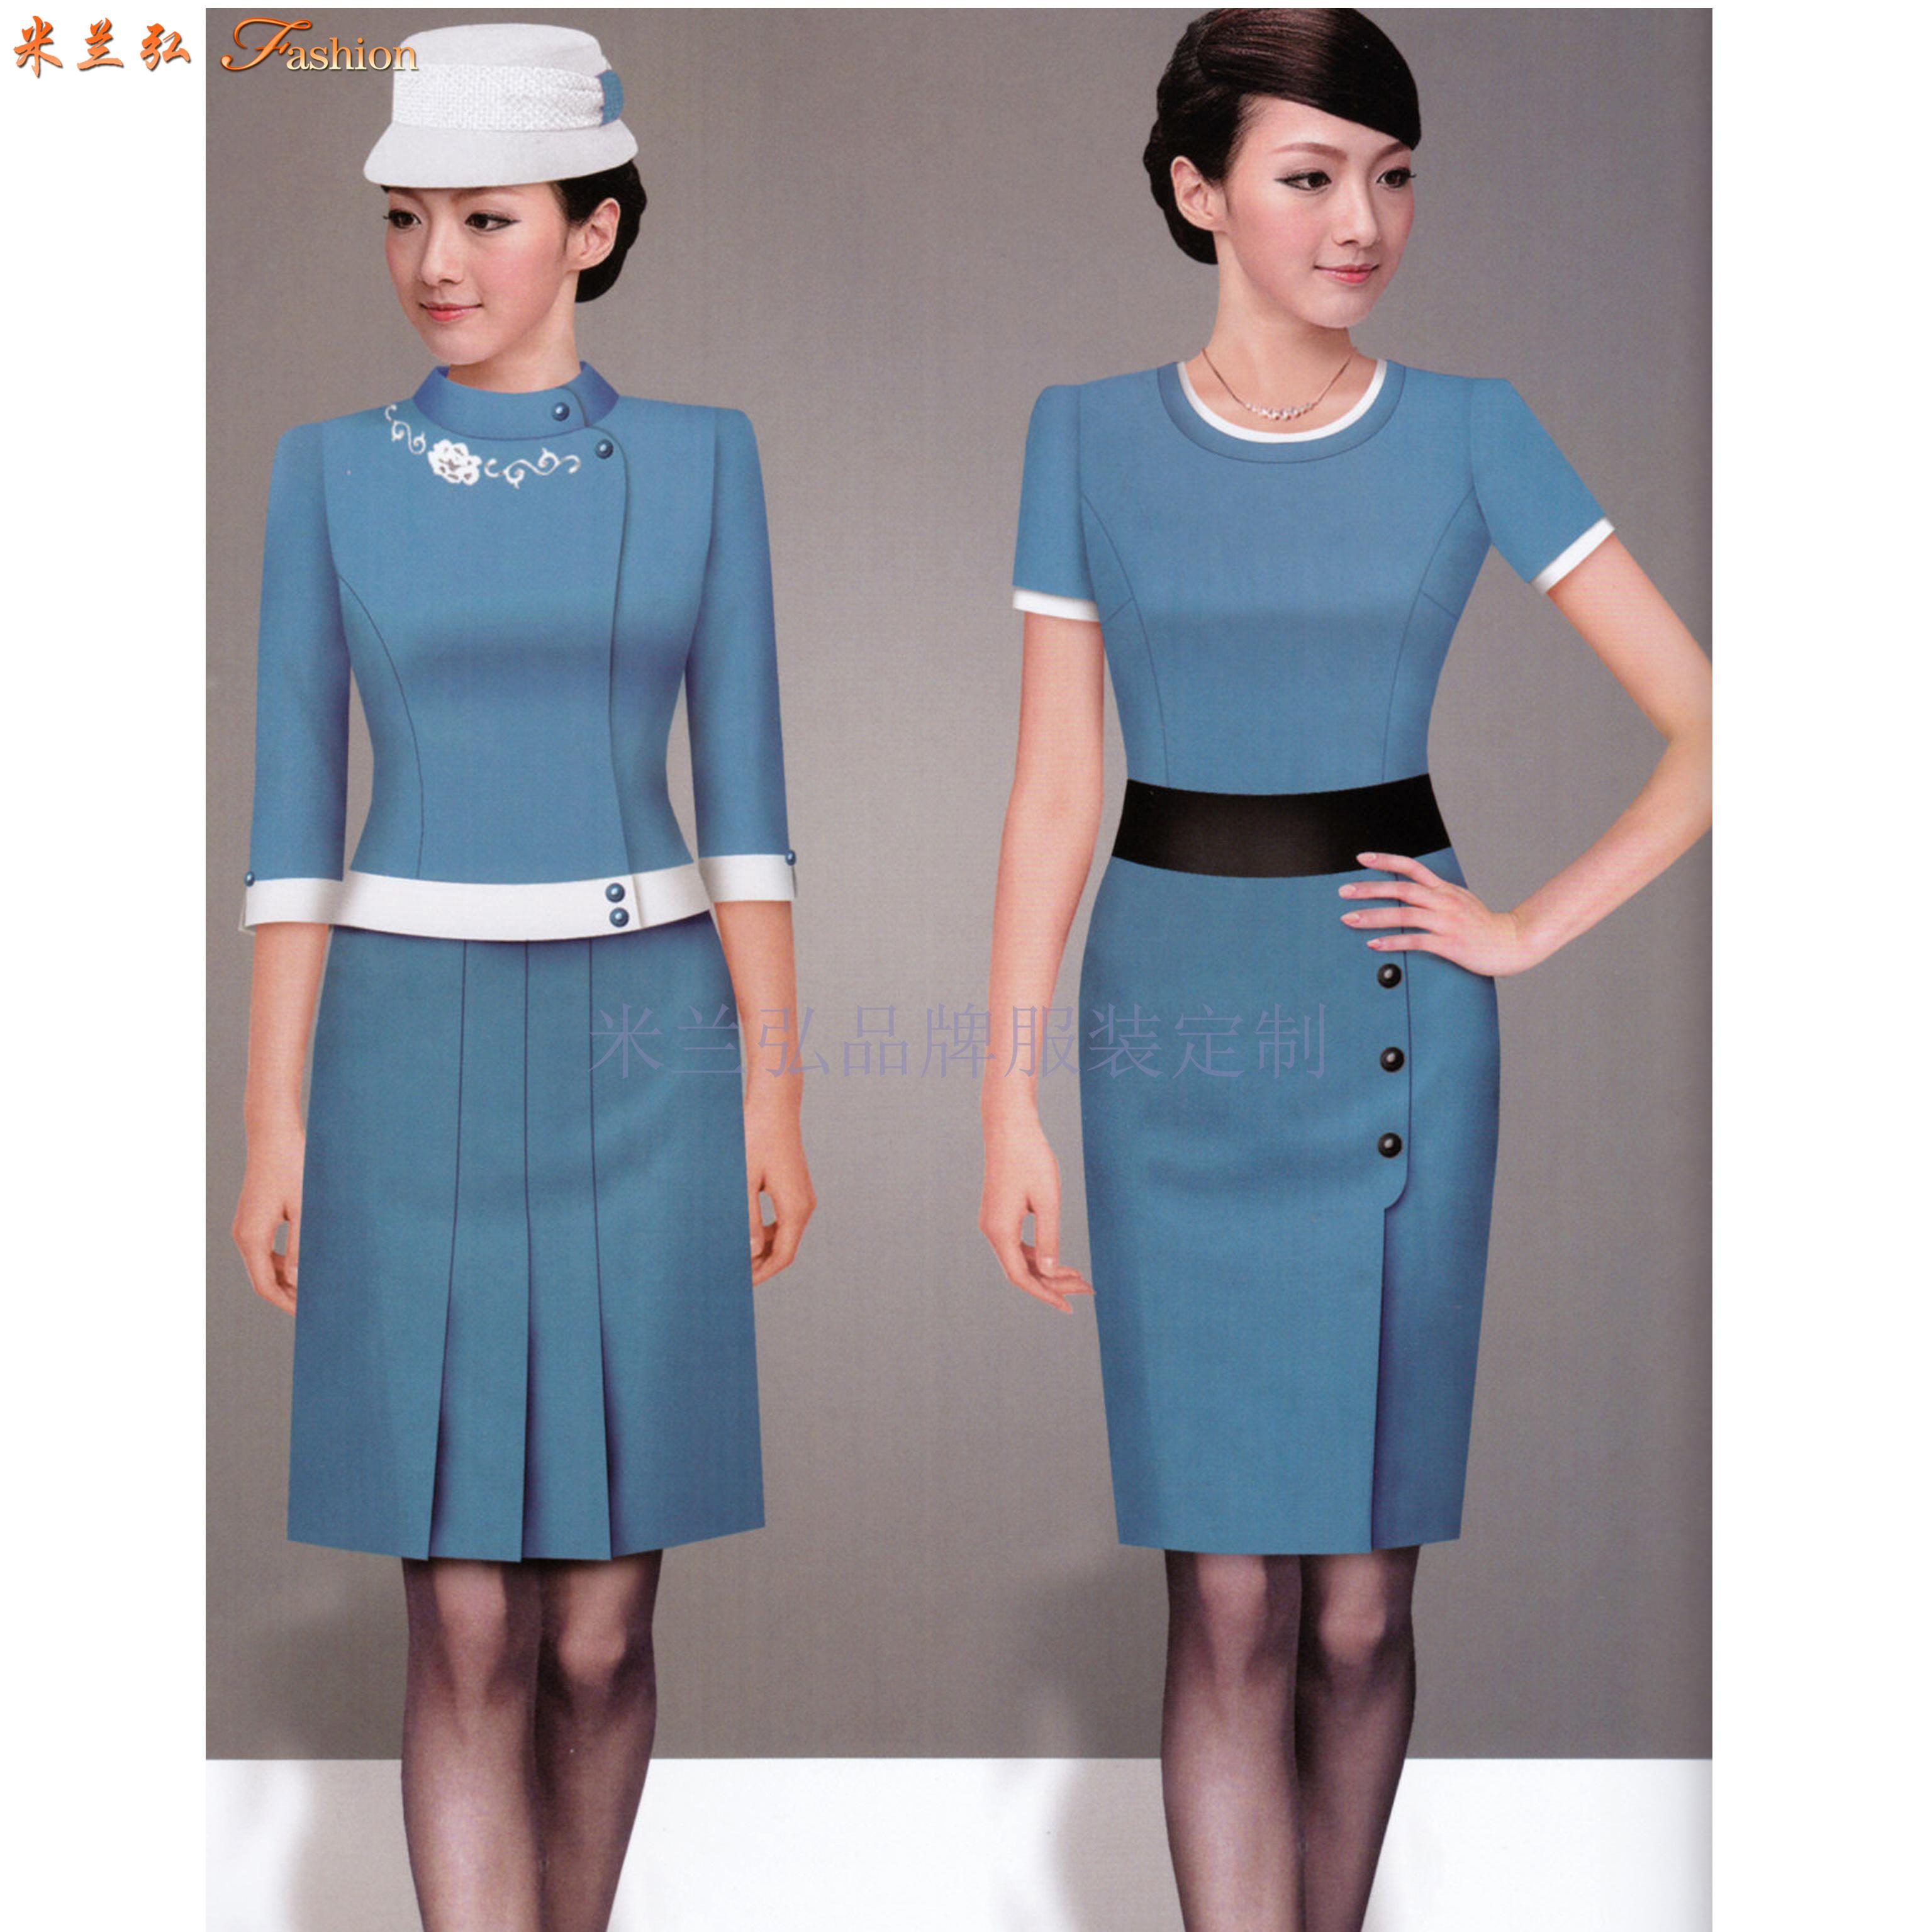 「工作服連衣裙定制」北京連衣裙量身訂制廠家-米蘭弘服裝-3